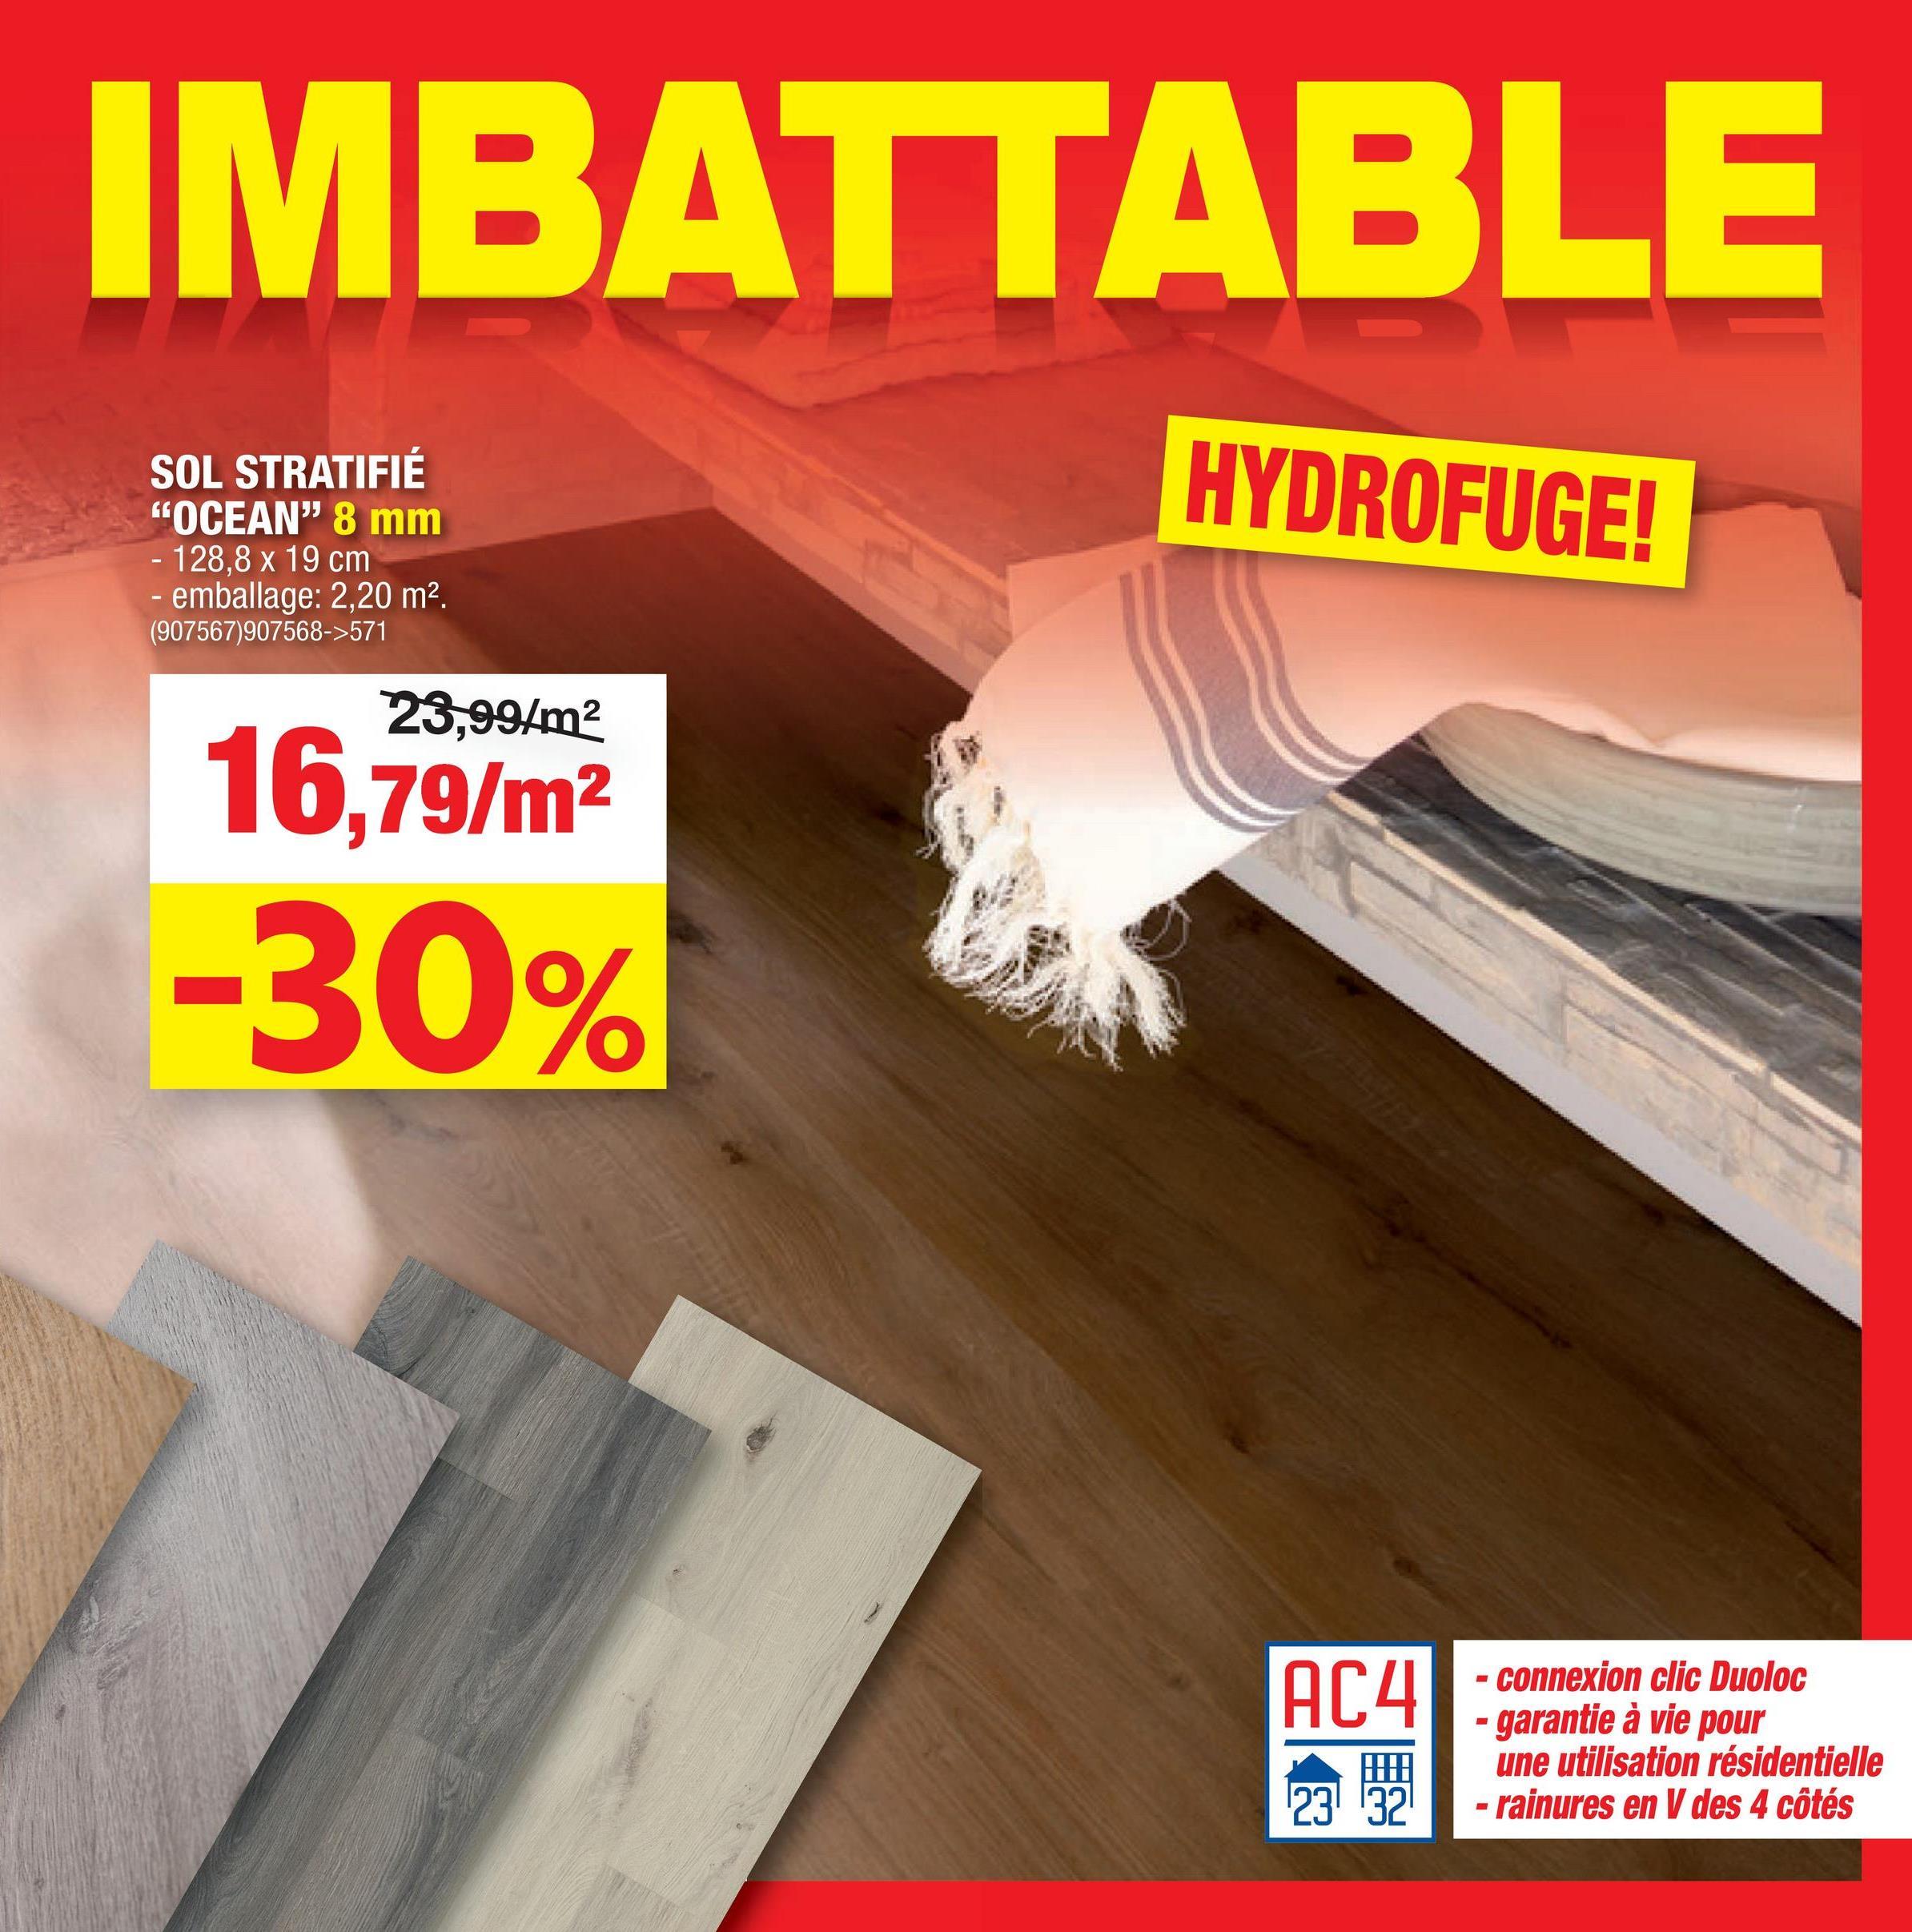 """IMBATTABLE HYDROFUGE! SOL STRATIFIÉ """"OCEAN"""" 8 mm - 128,8 x 19 cm emballage: 2,20 m2 (907567)907568->571 23,99/m2 16,79/m -30% AC4 - connexion clic Duoloc garantie à vie pour une utilisation résidentielle - rainures en V des 4 côtés 23 32"""